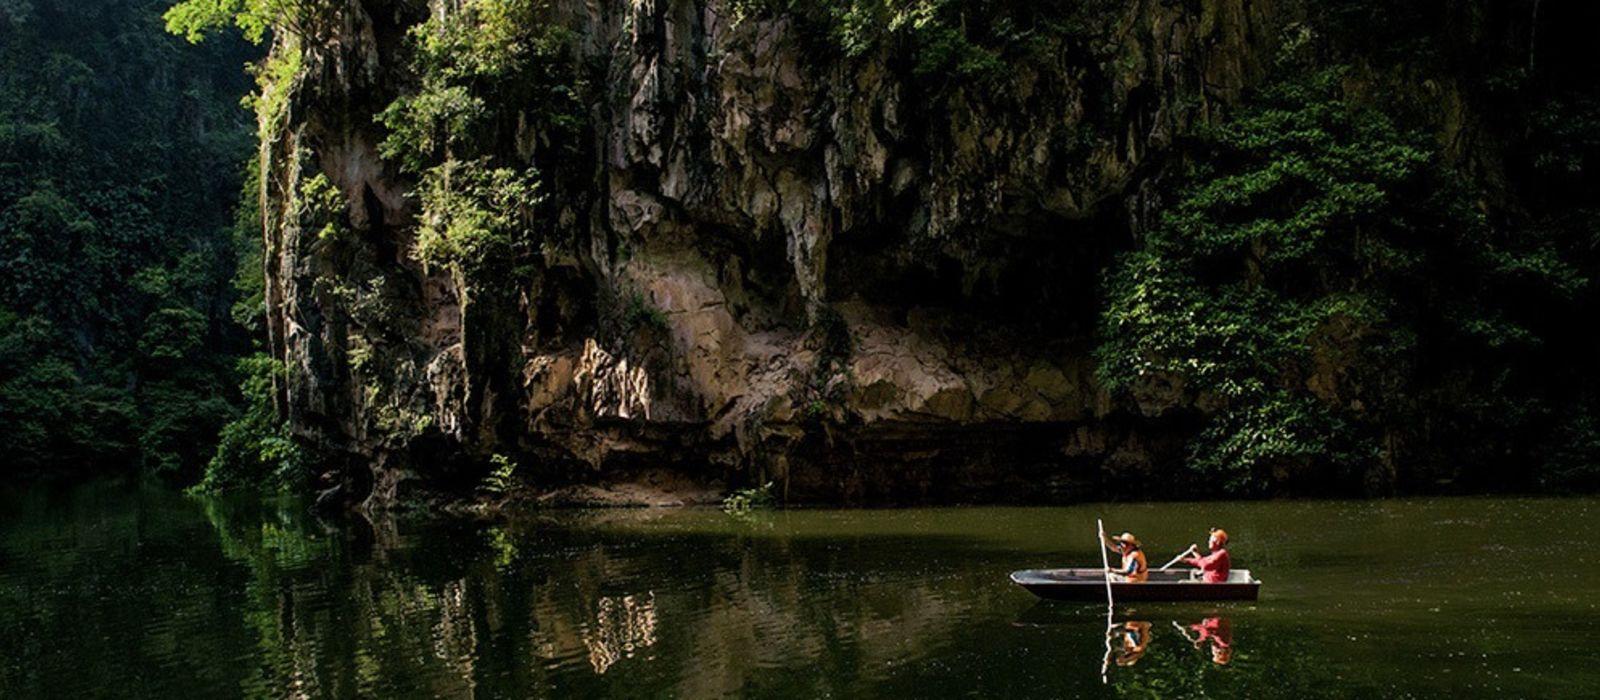 Nature, Wildlife & Adventure in Borneo Tour Trip 2